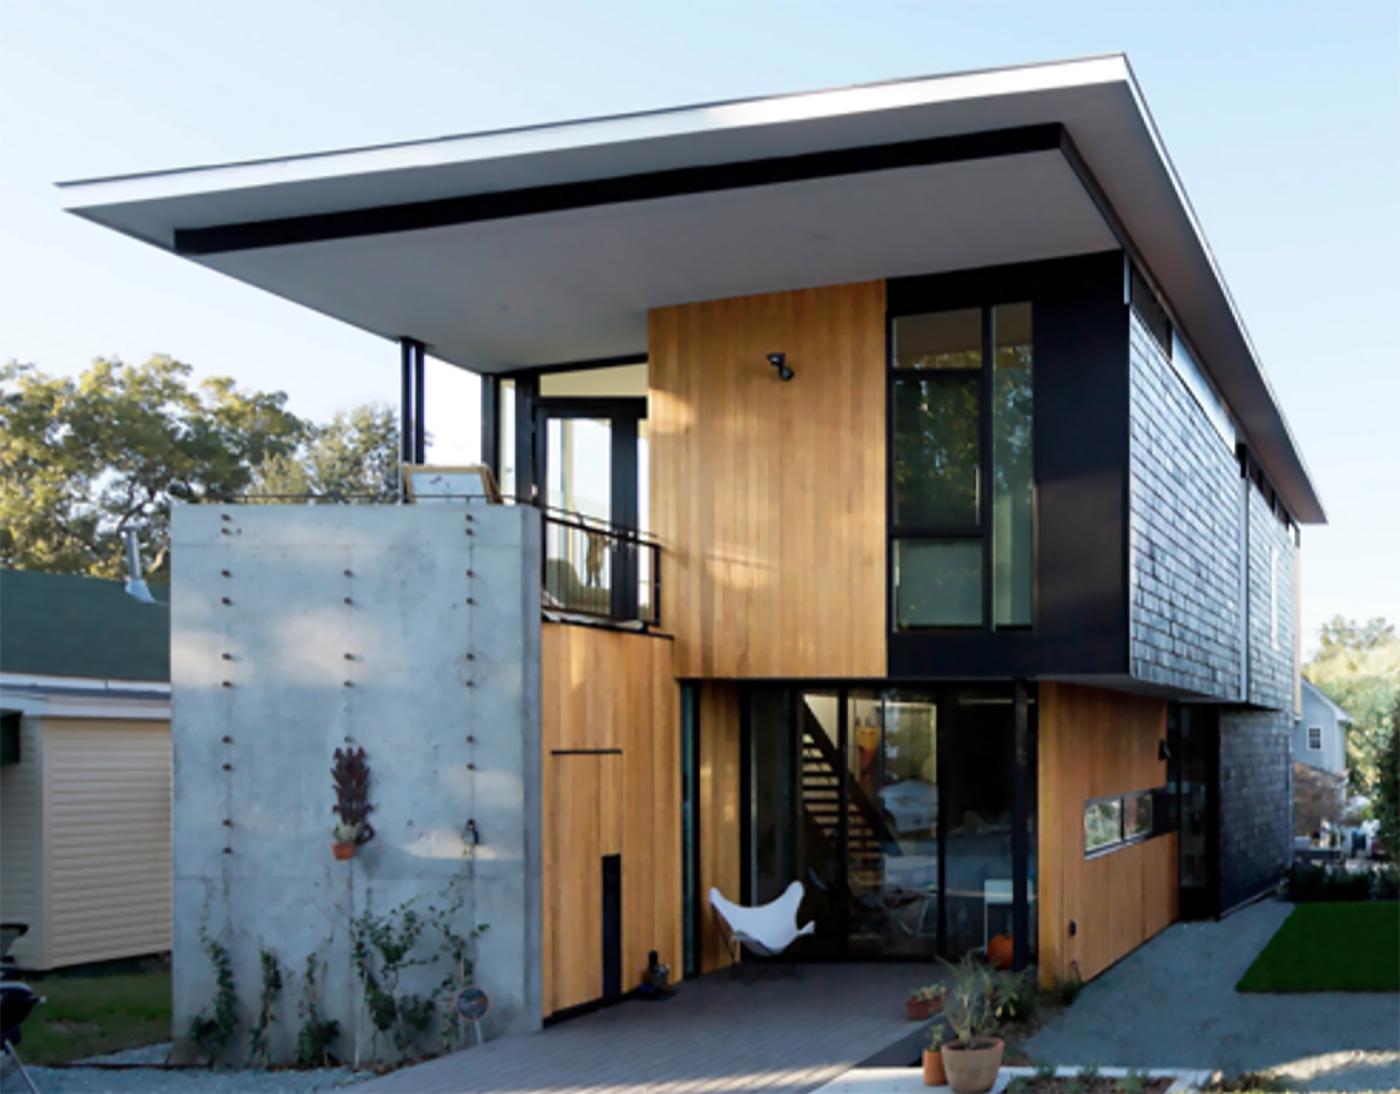 Rumah Tumbuh ala Compact House